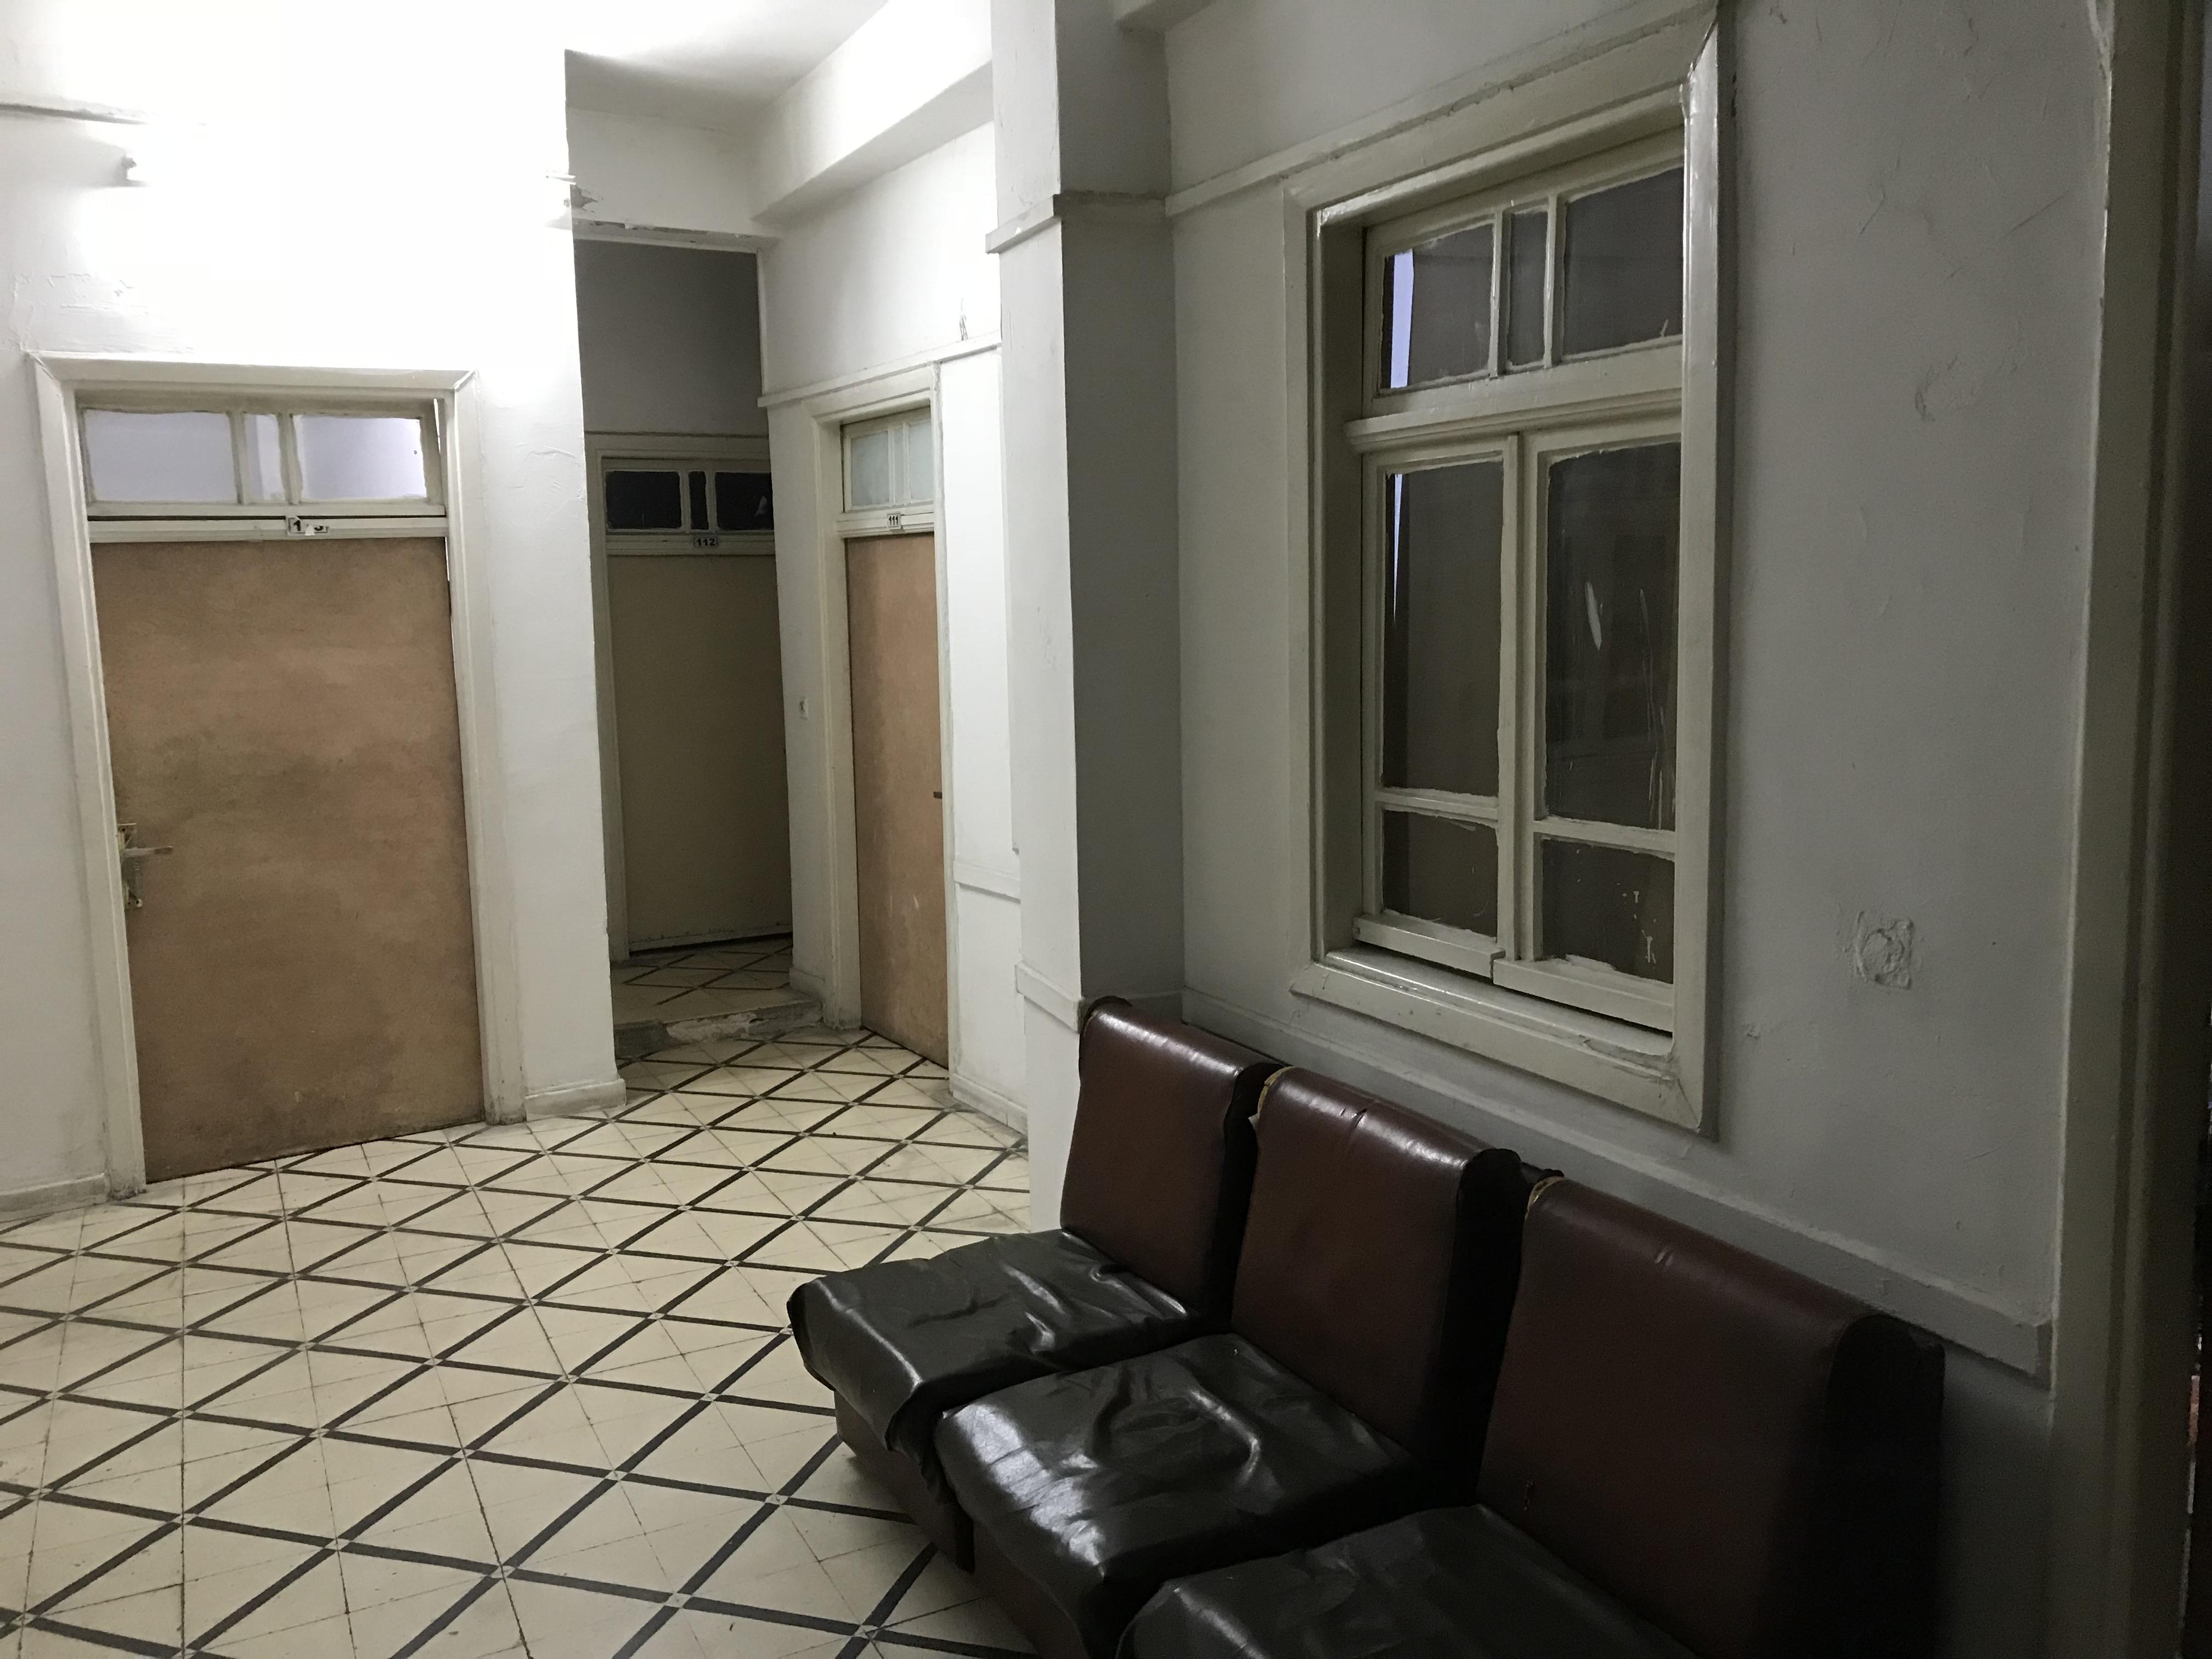 コーダホテル(マンスールホテル)